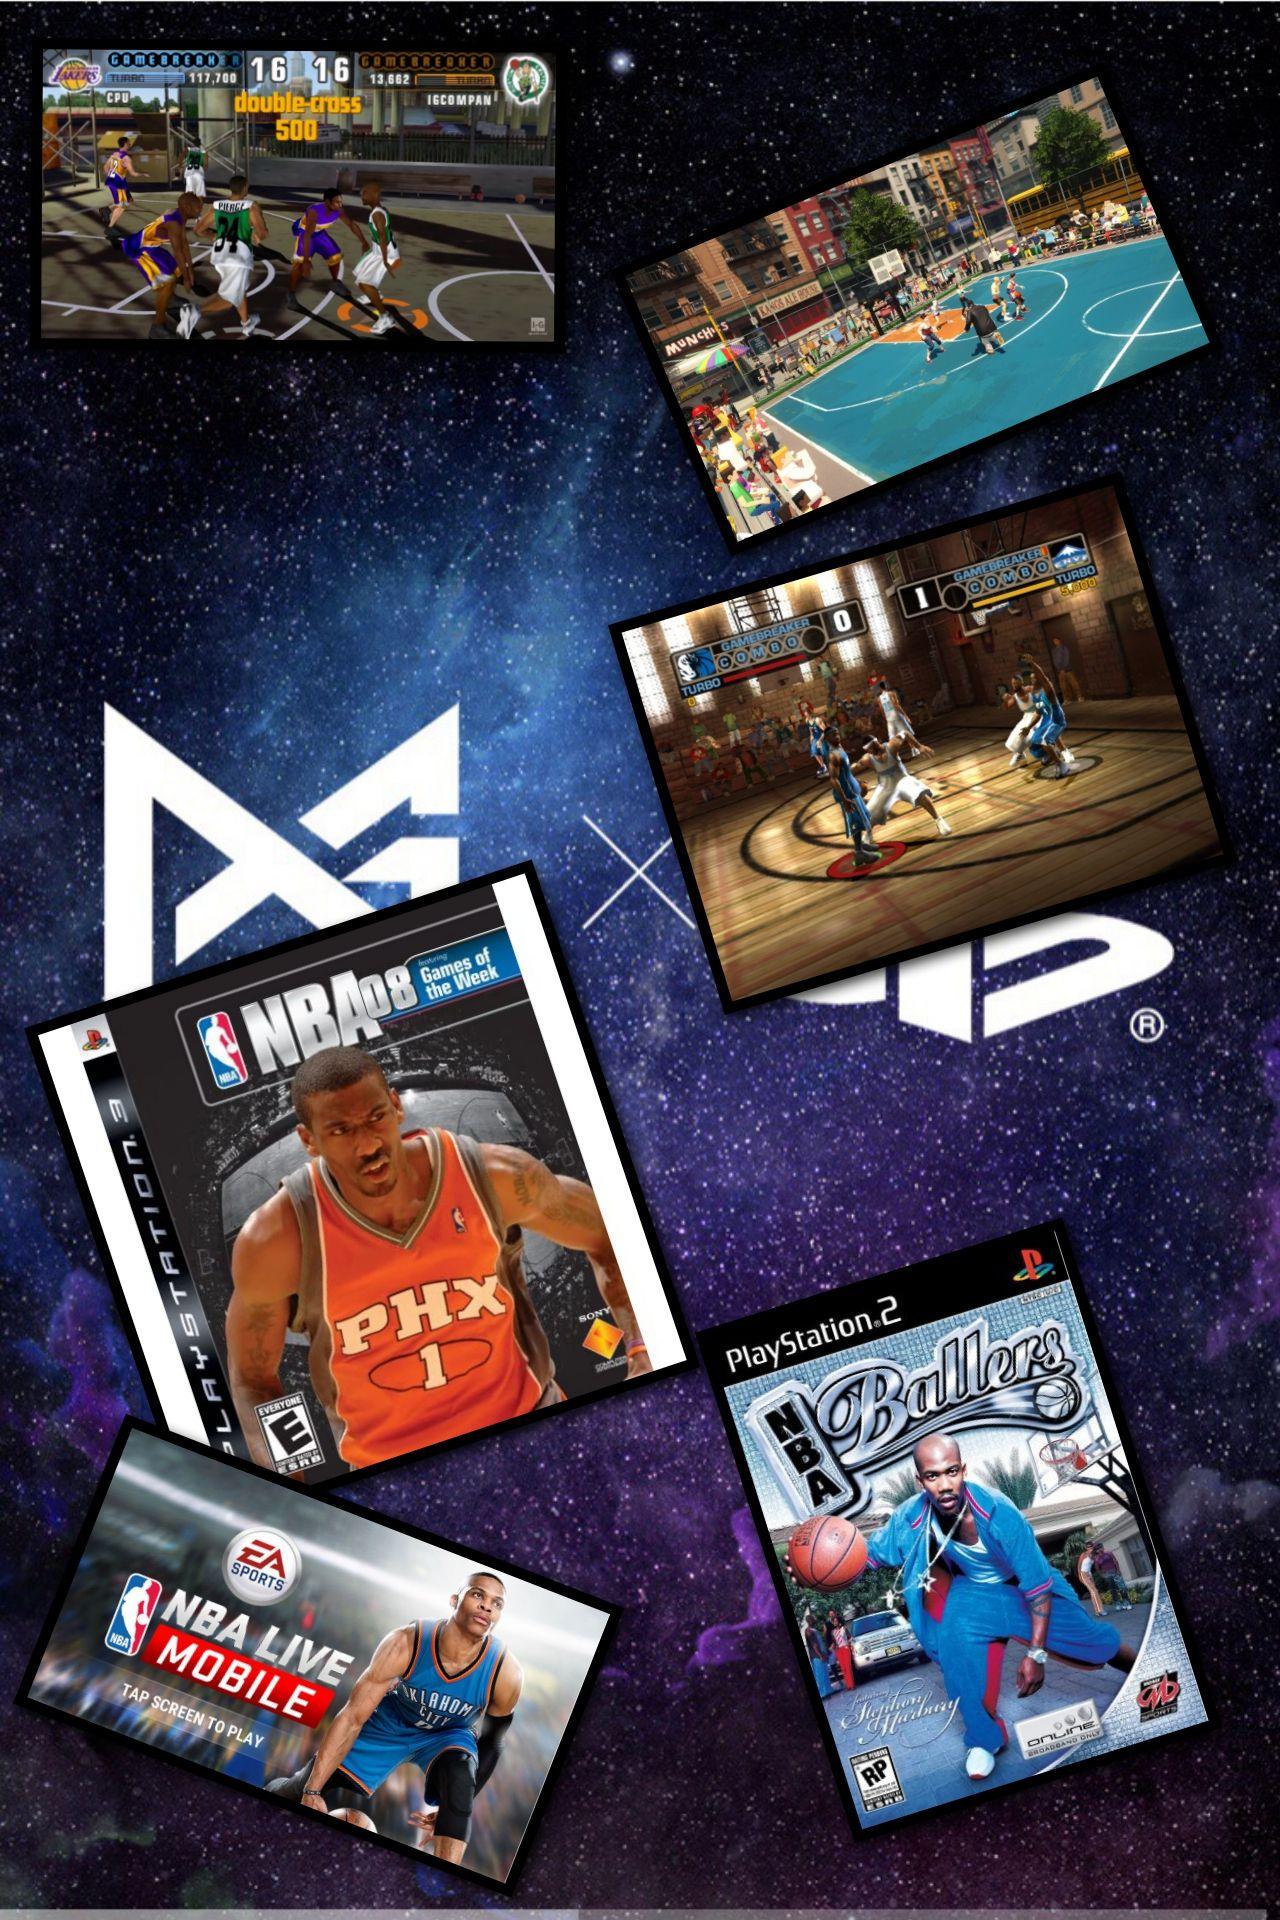 En Iyi 13 Playstation 4 Nba Basketbol Oyunu Playstation Oyun Basketbol Oyunlari